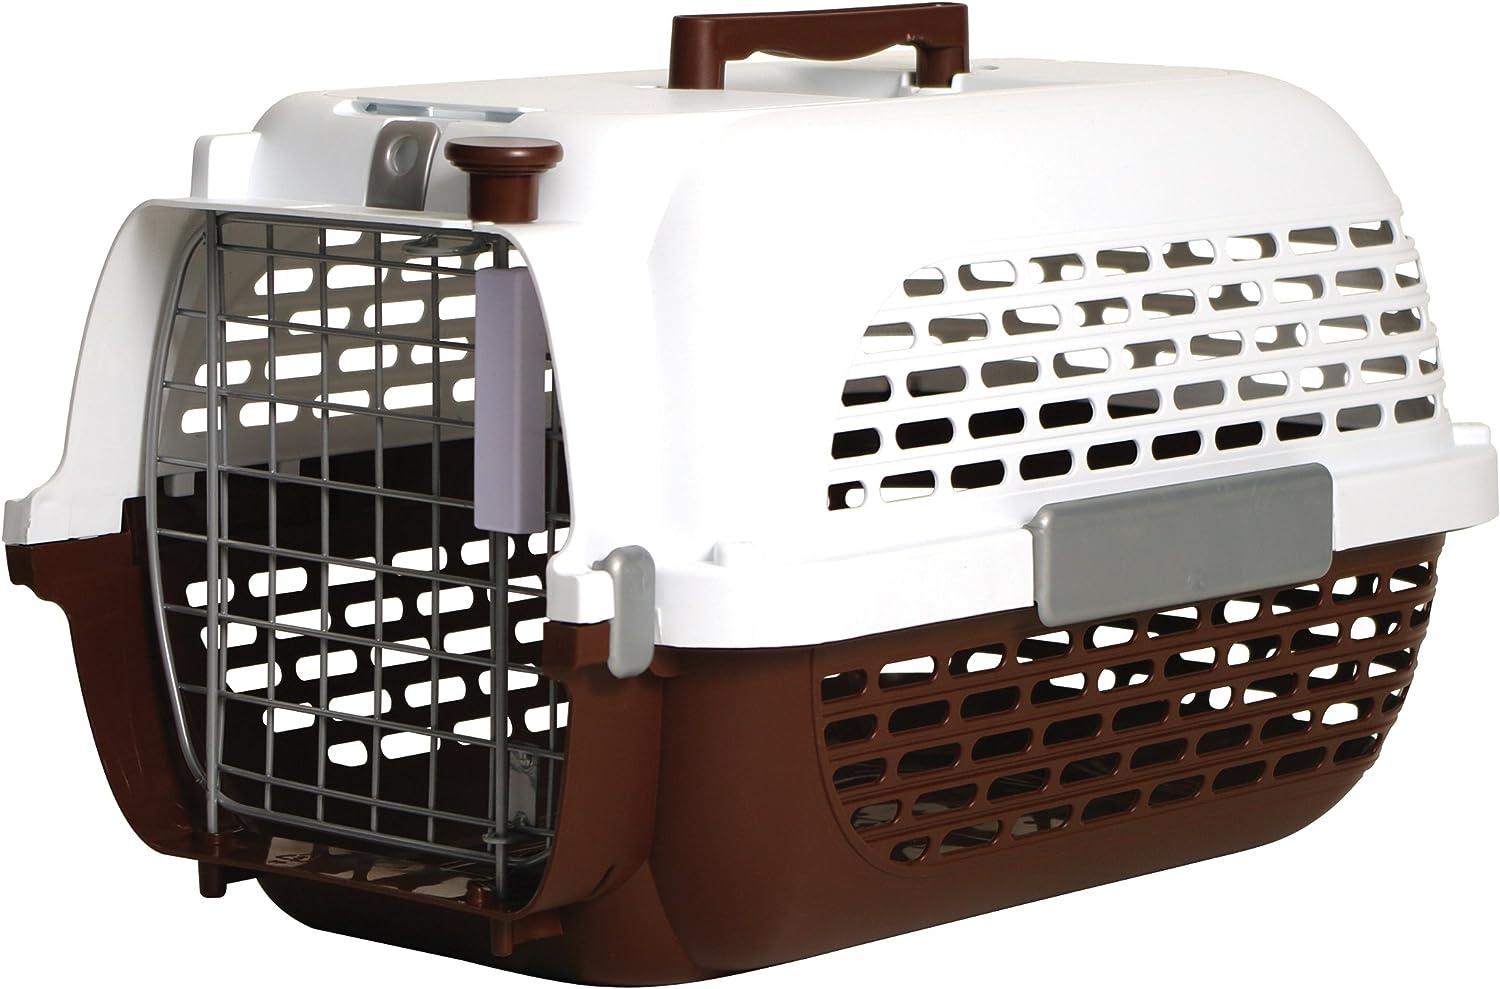 Dogit Voyageur Dog CarrierBrown WhiteMedium56.5cm L X 37.6cm W X 30.8cm H (22Inch X 14.8Inch X 12Inch)